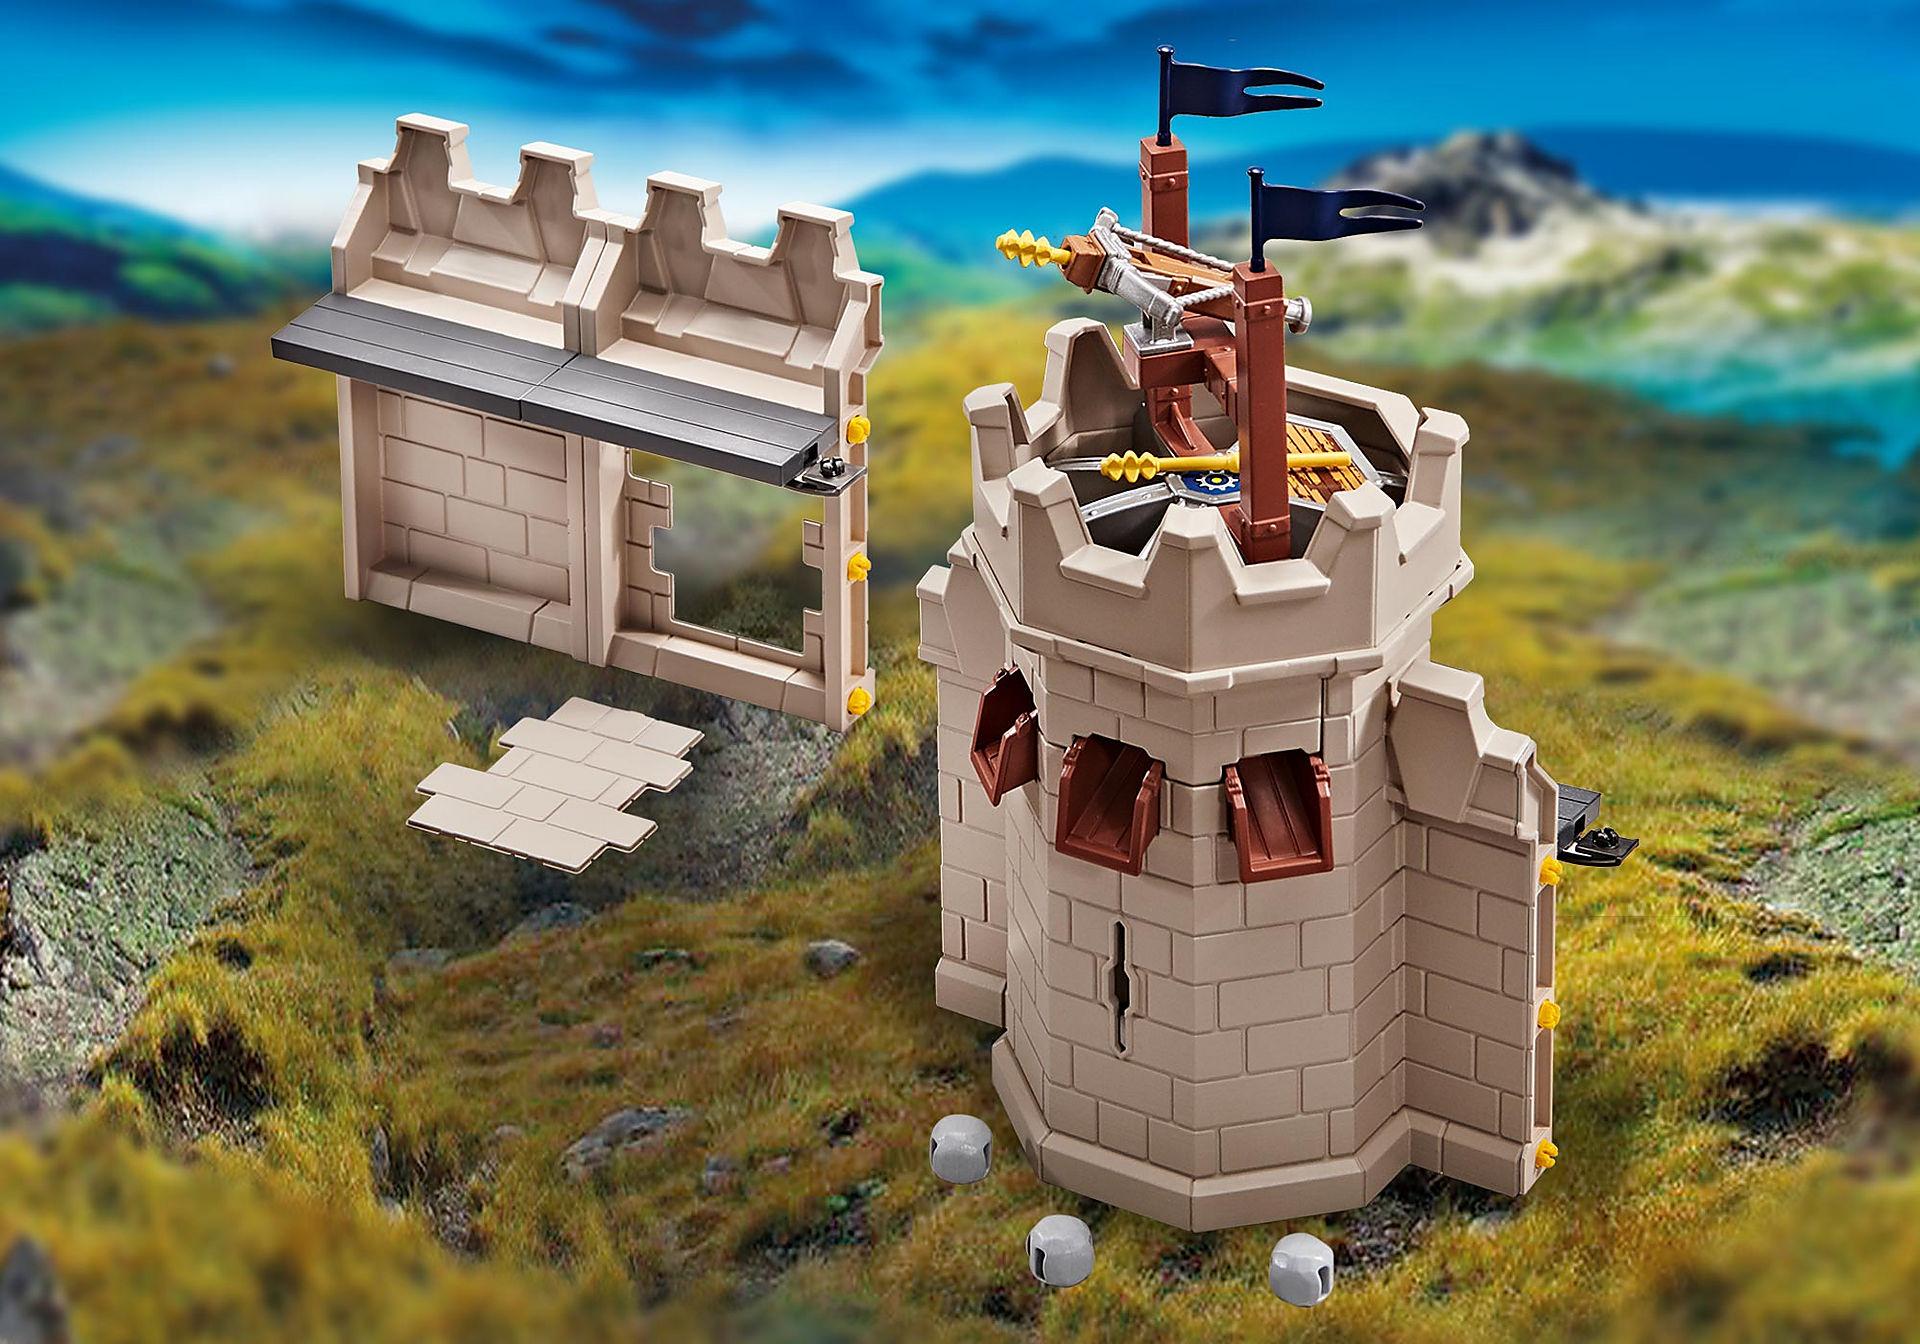 9840 Επέκταση Κάστρου με εκτοξευτή οβίδων για το Μεγάλο Κάστρο του Νόβελμορ zoom image1